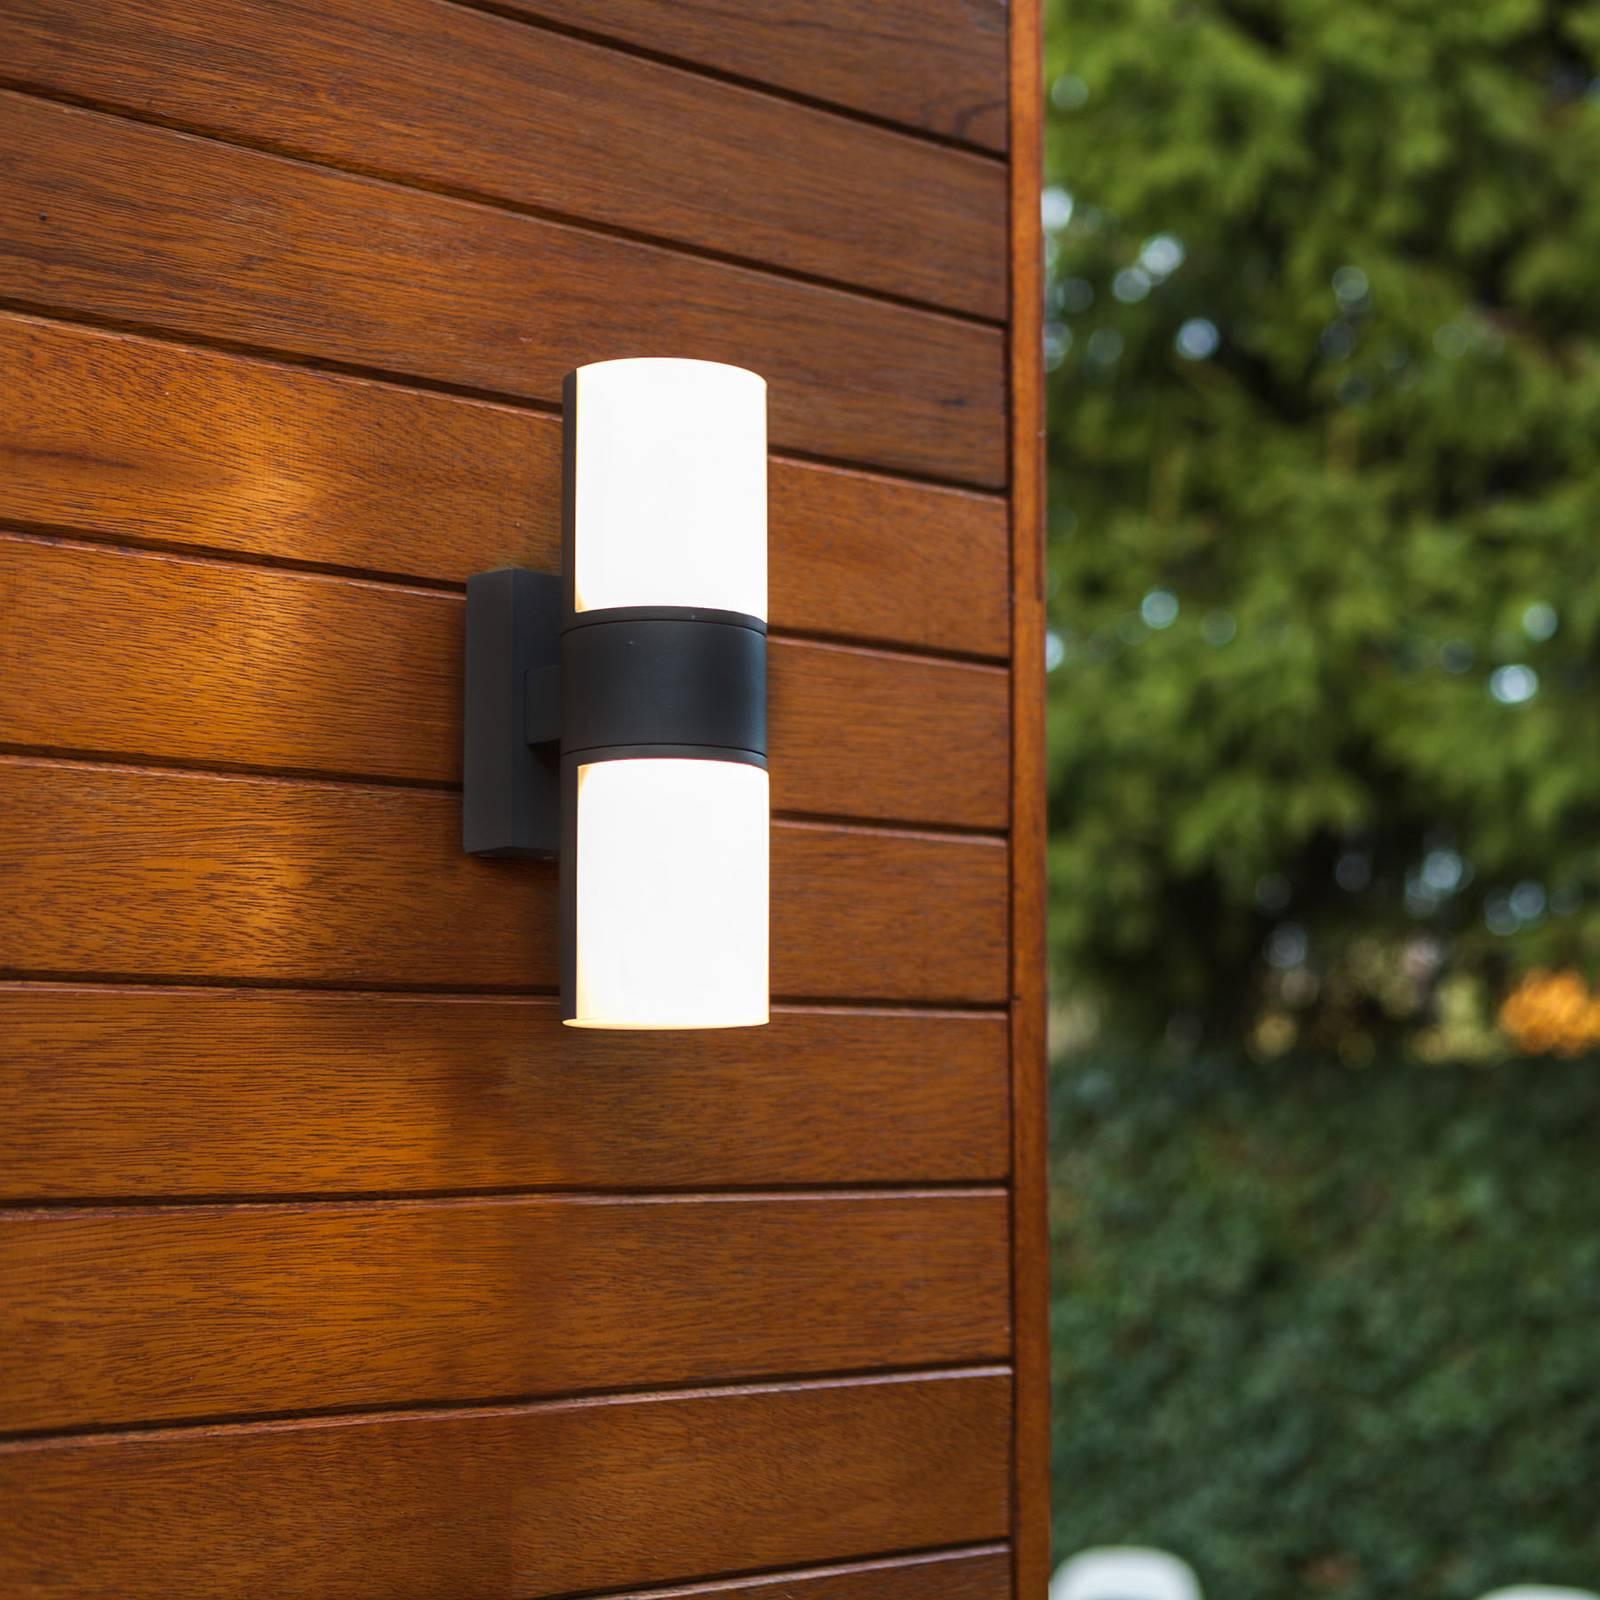 LED-Außenwandleuchte Cyra, 2-fl. mattschwarz